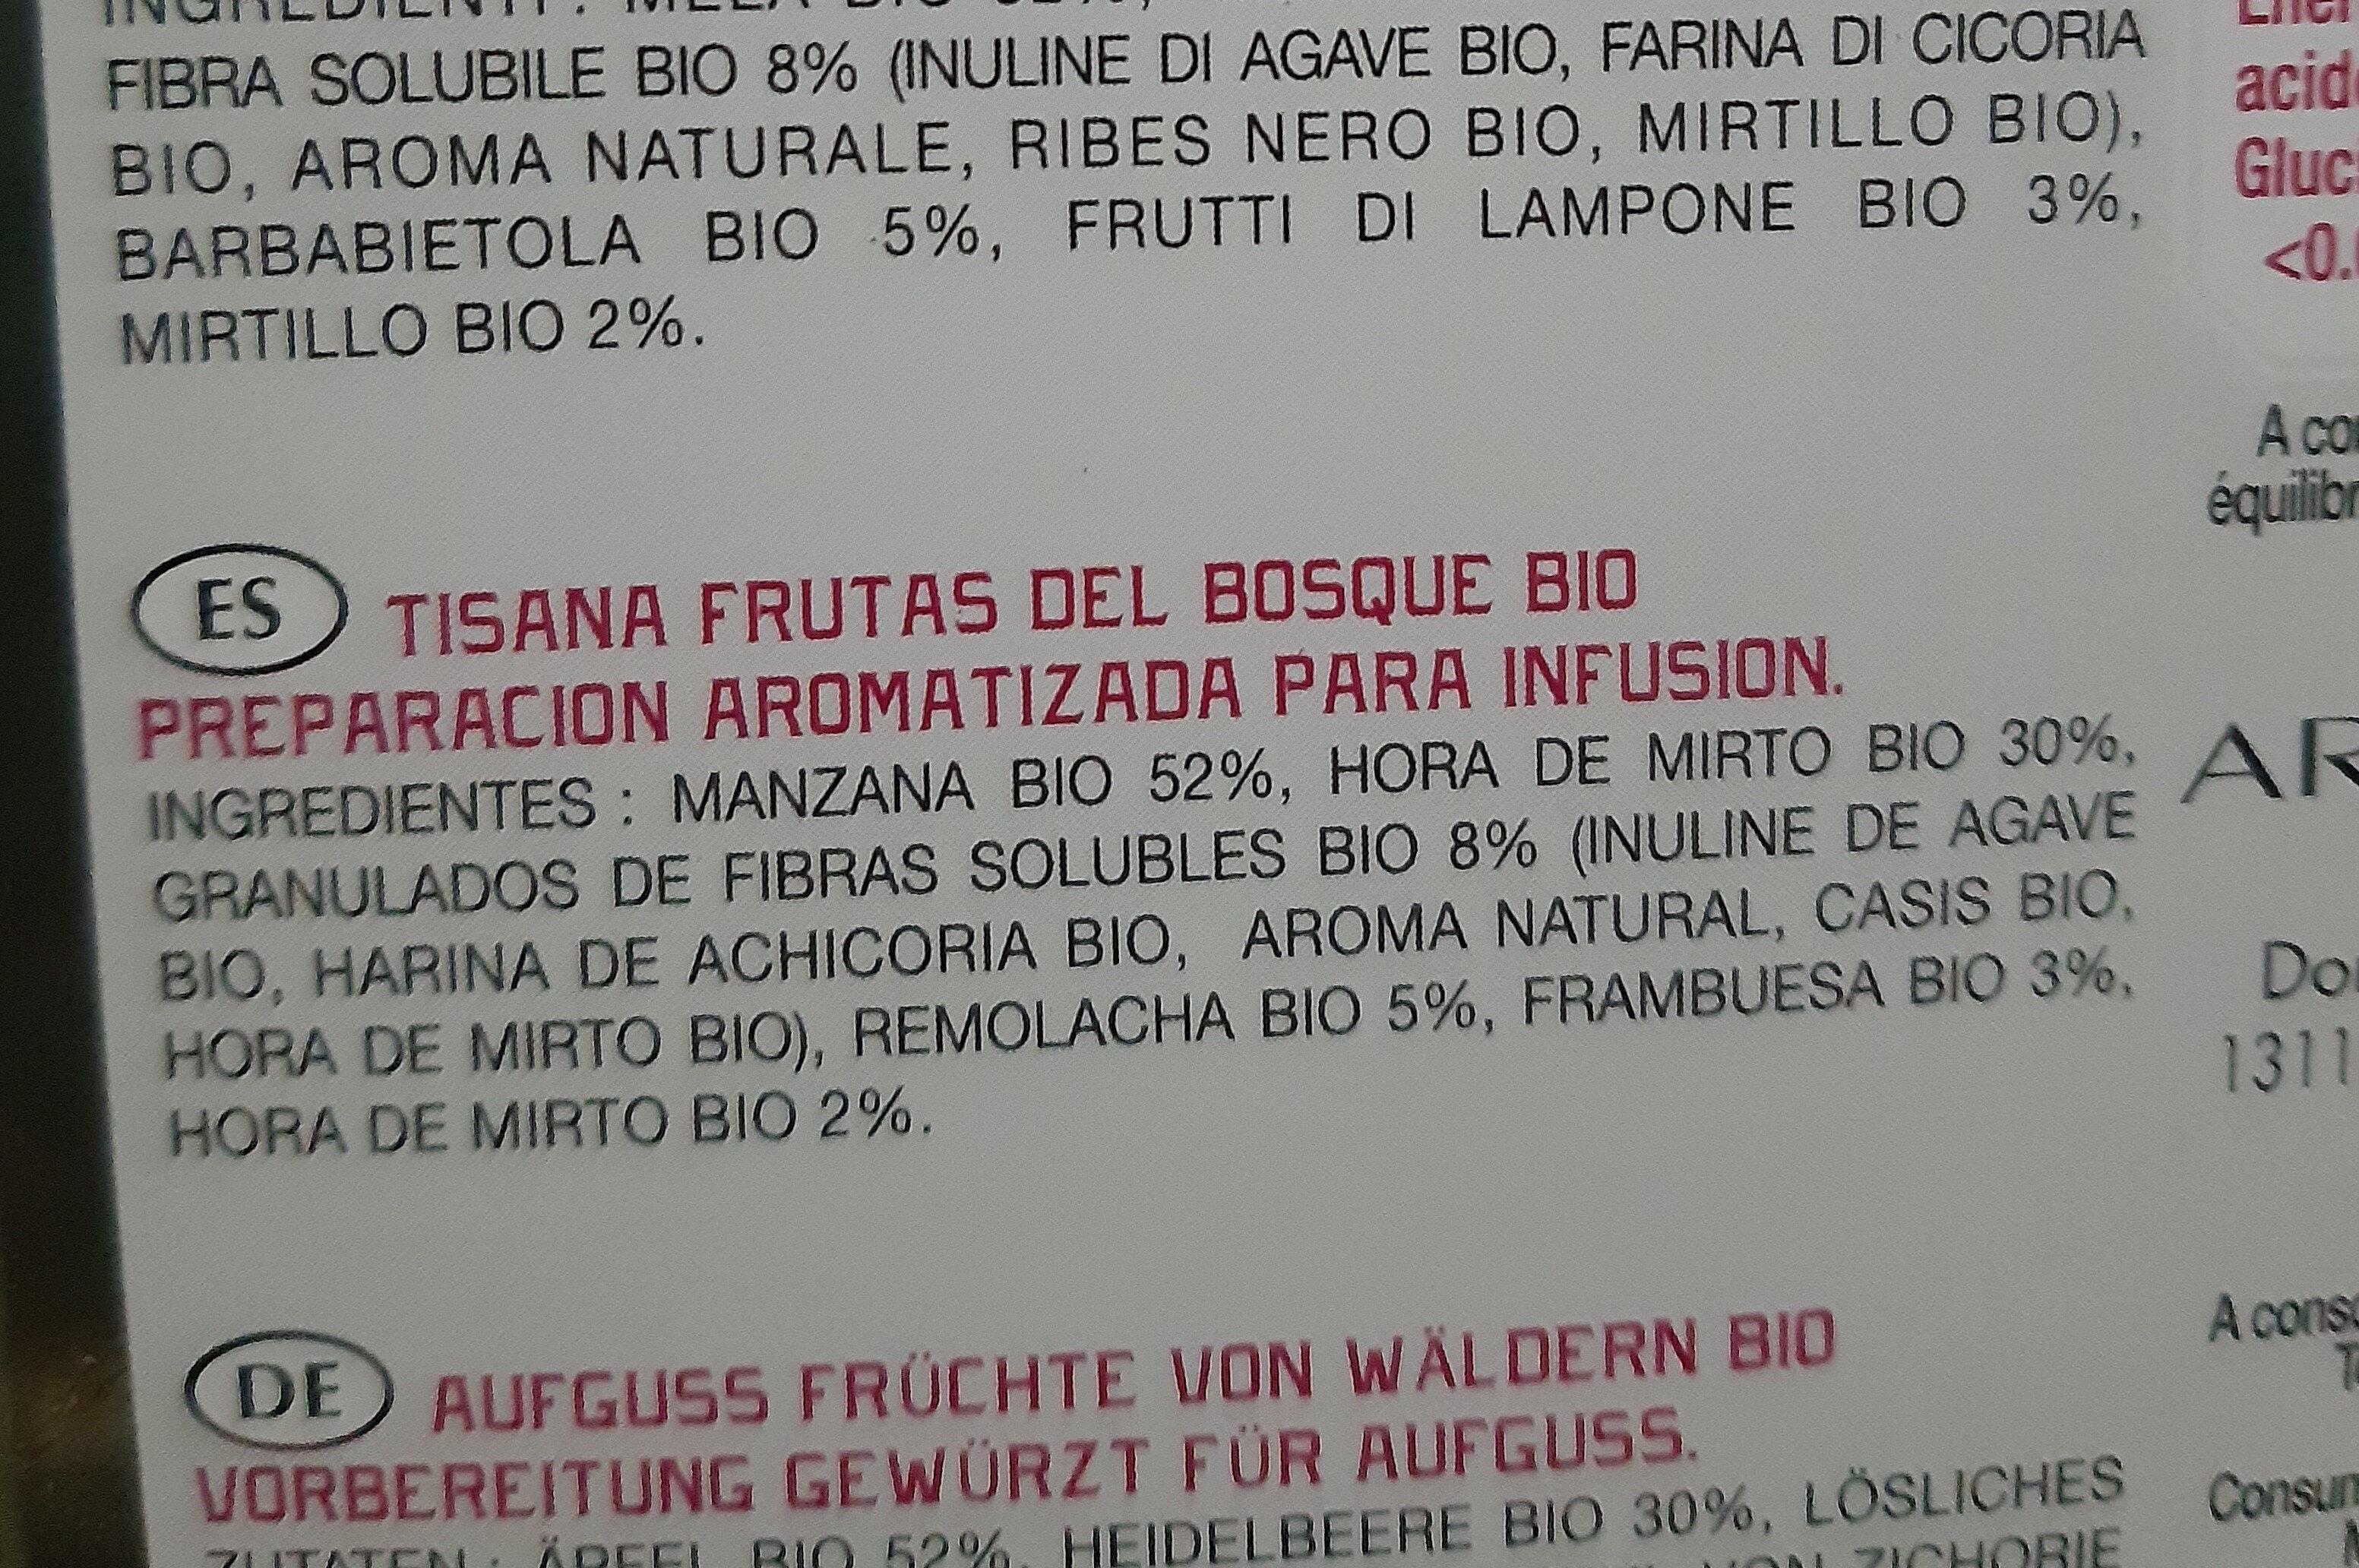 Tisana frutas del bosque Bio - Ingredients - en